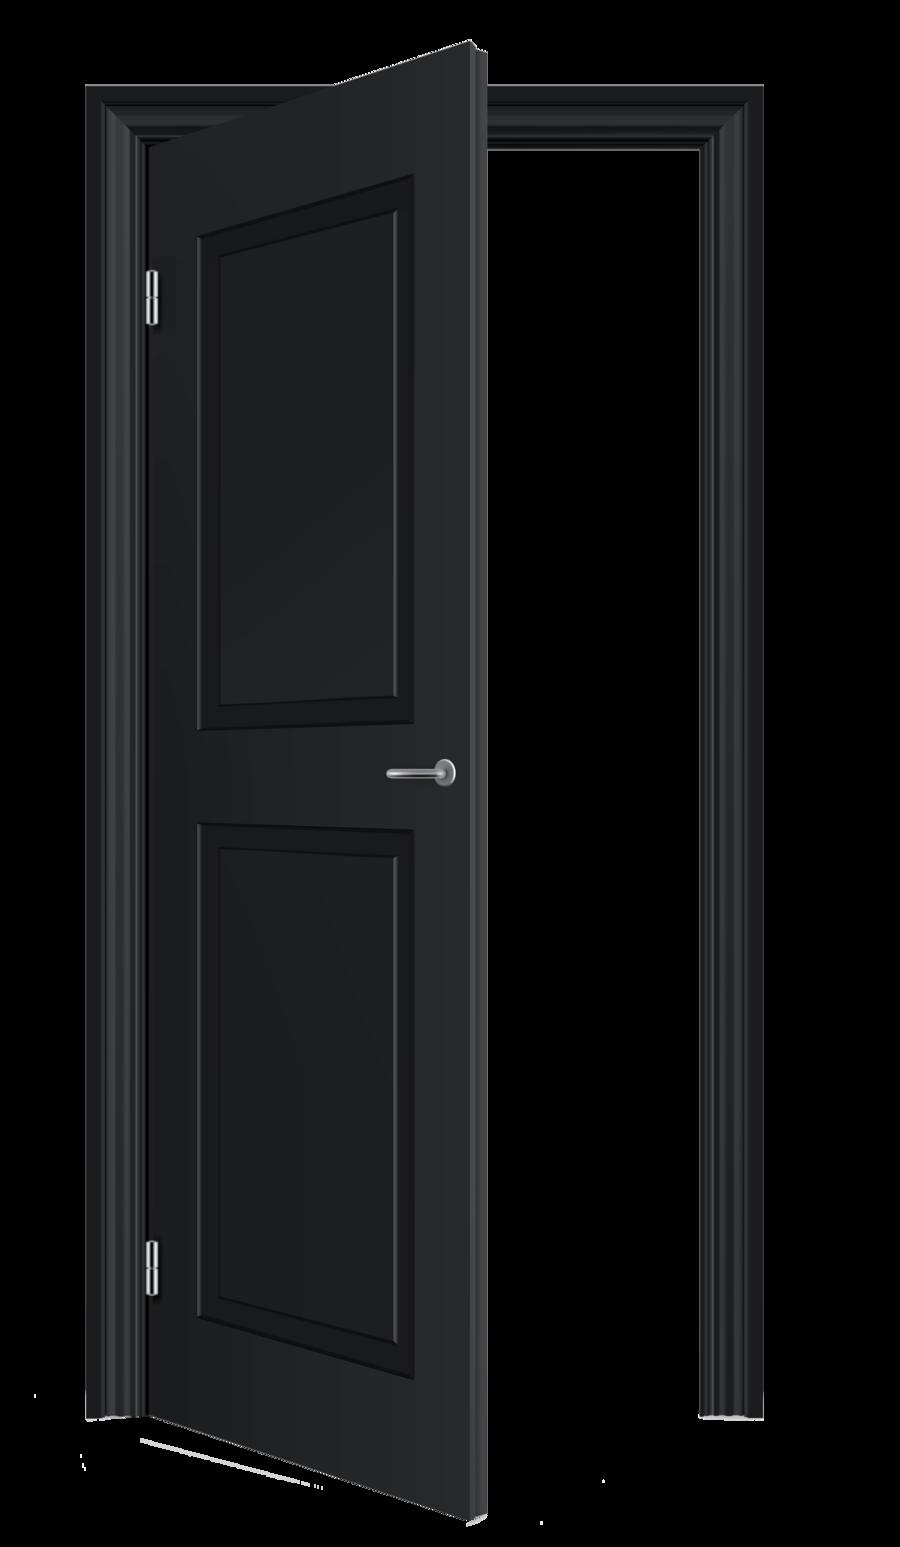 Door clipart door close. Shutting sanfranciscolife closed clipartingcom